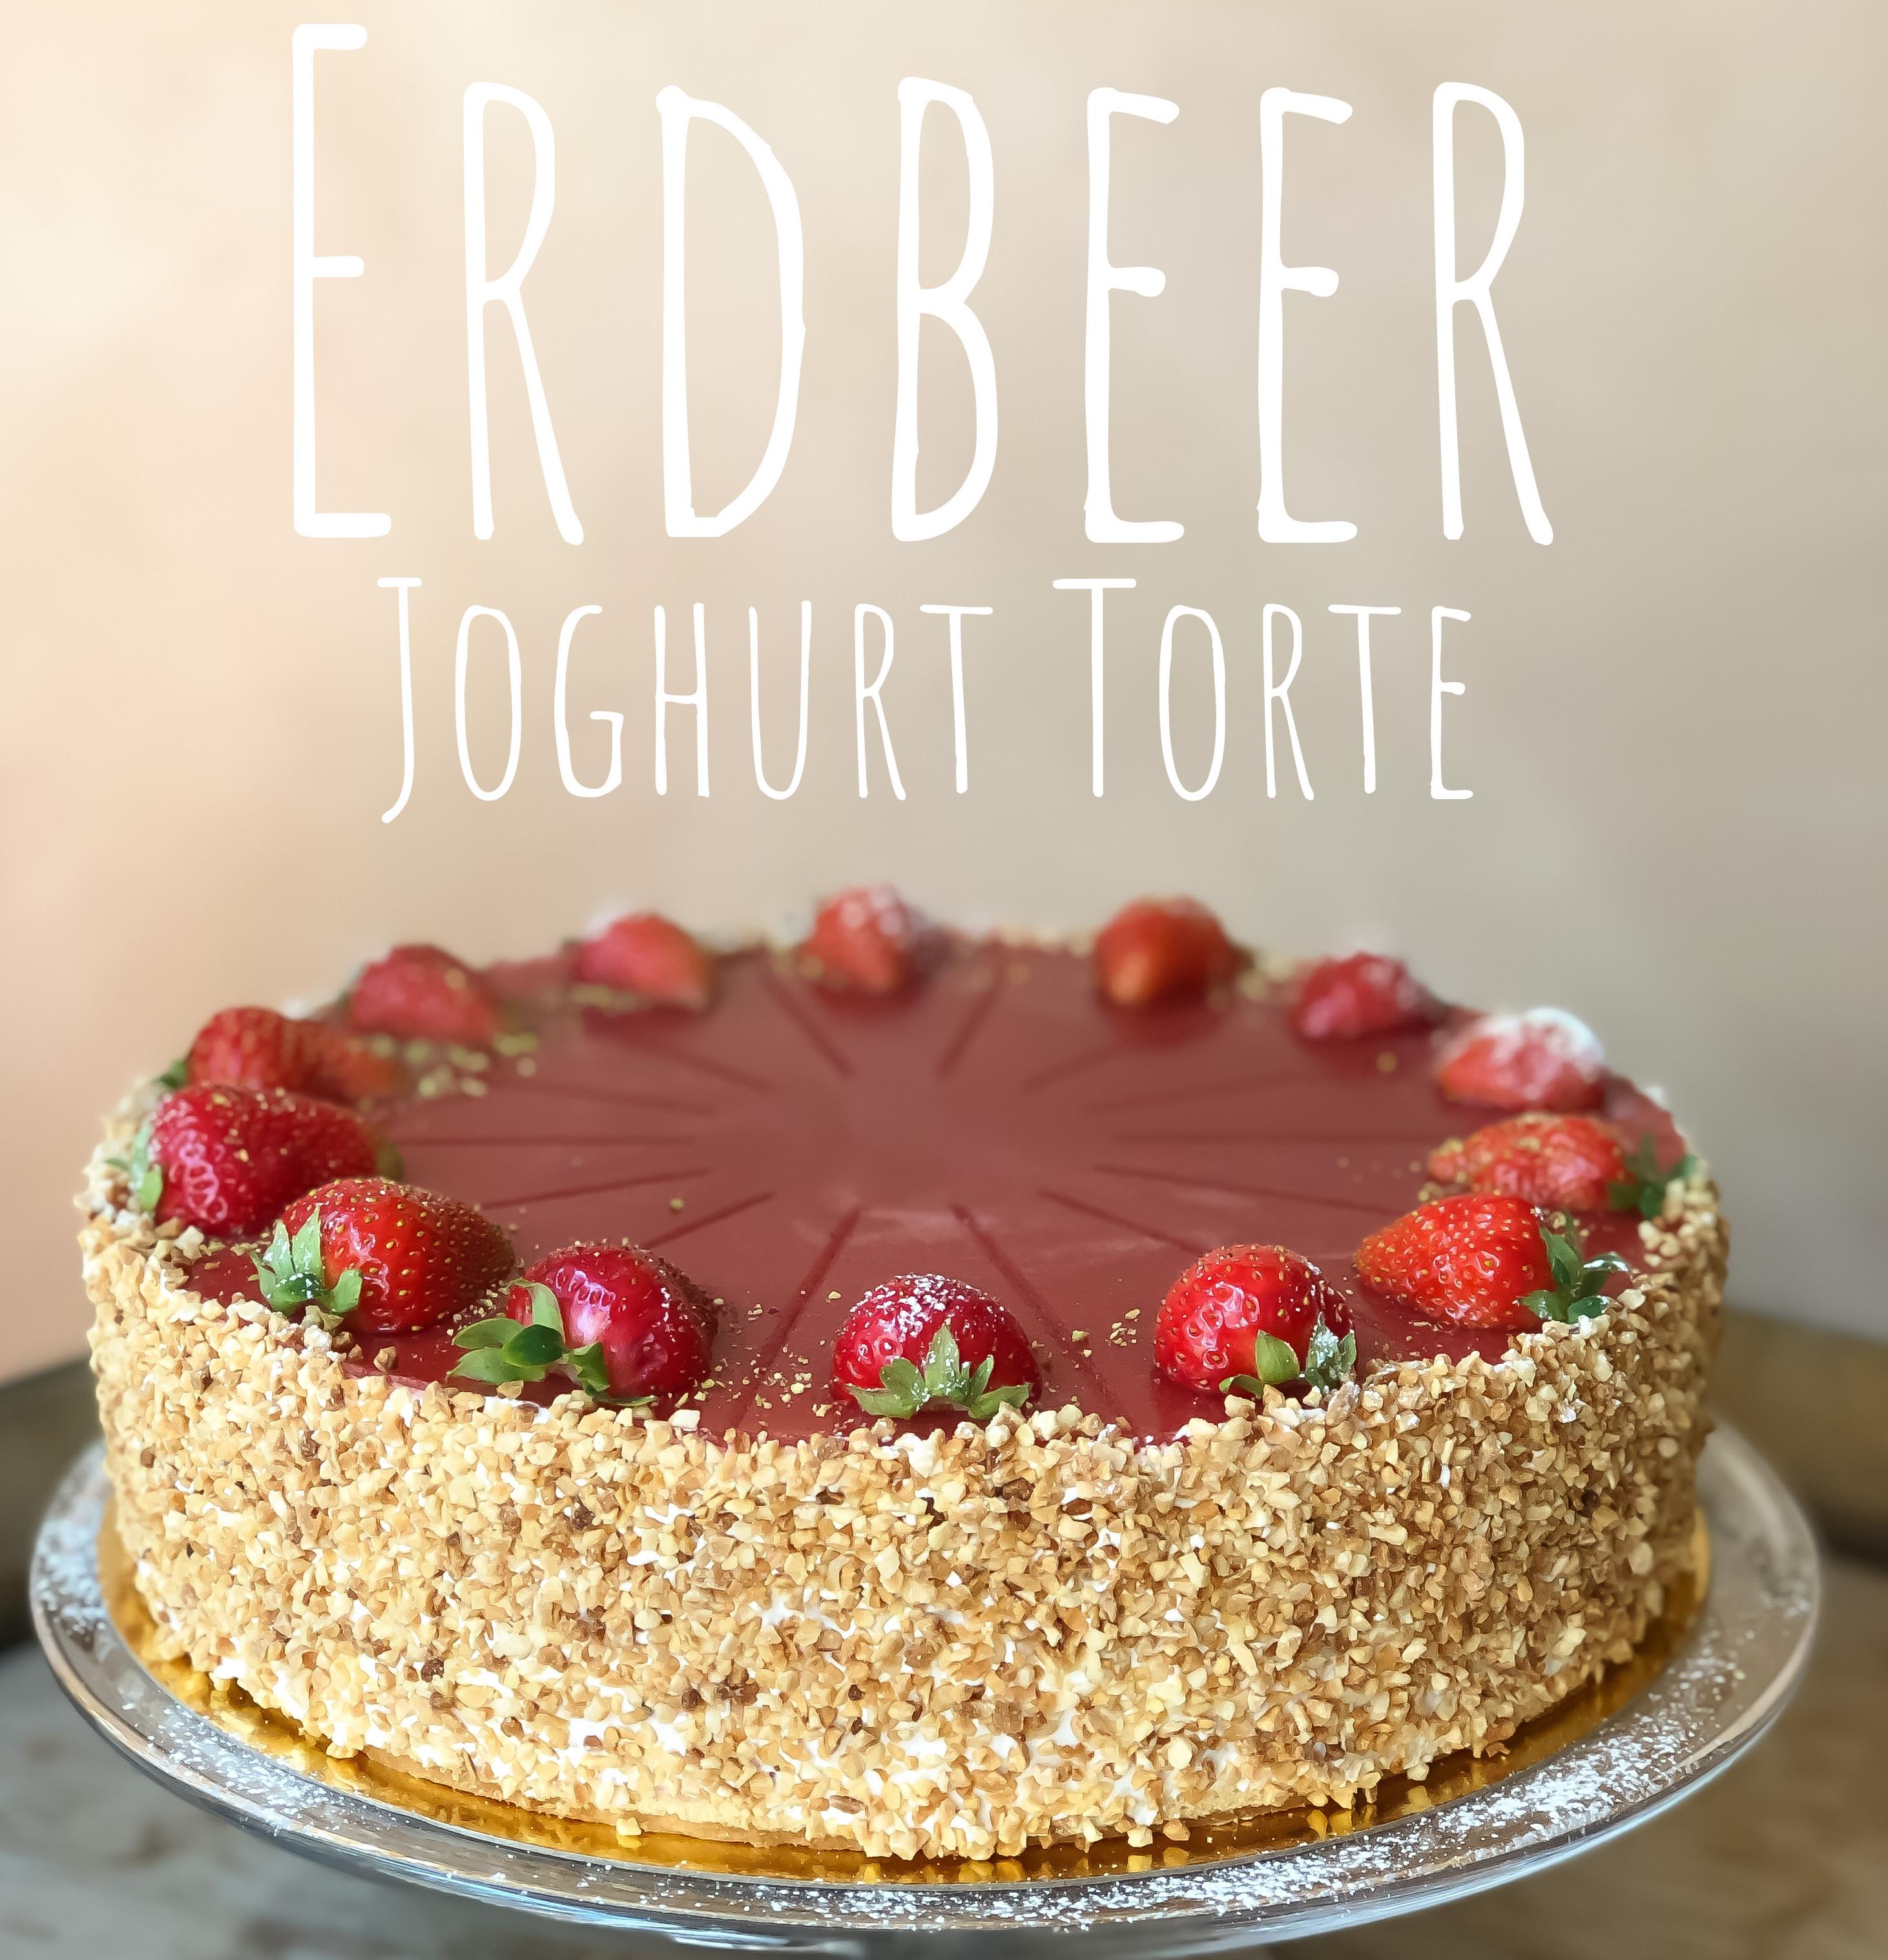 09. Erdbeer Joghurt